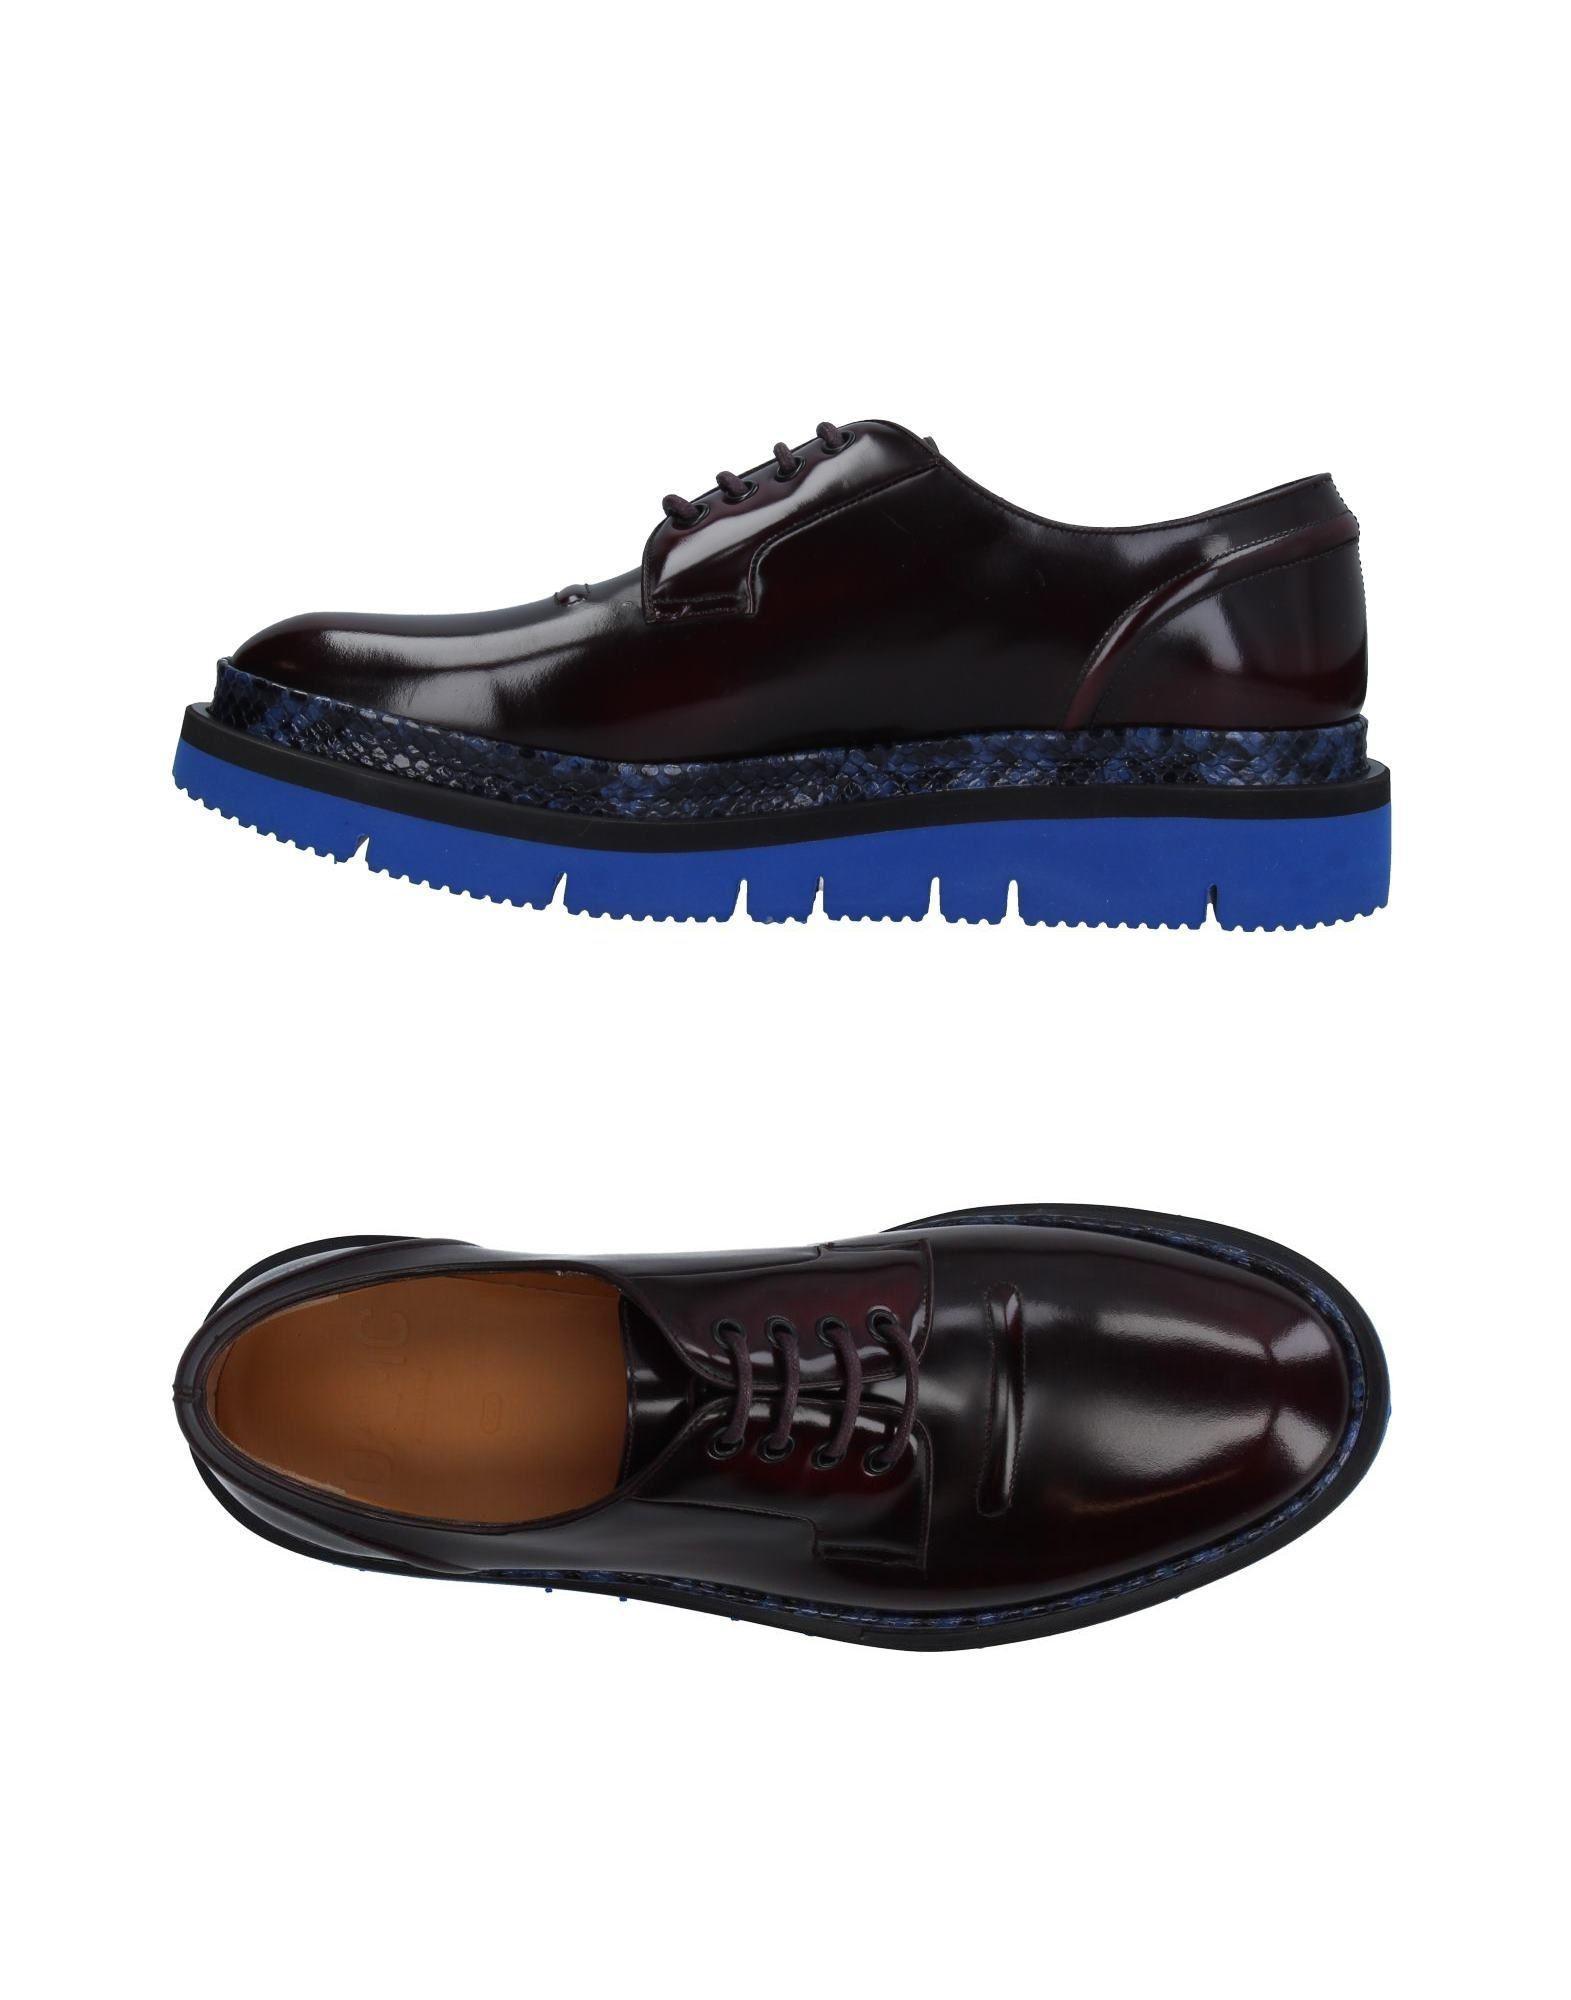 FOOTWEAR - Lace-up shoes Sangue 8J4WS